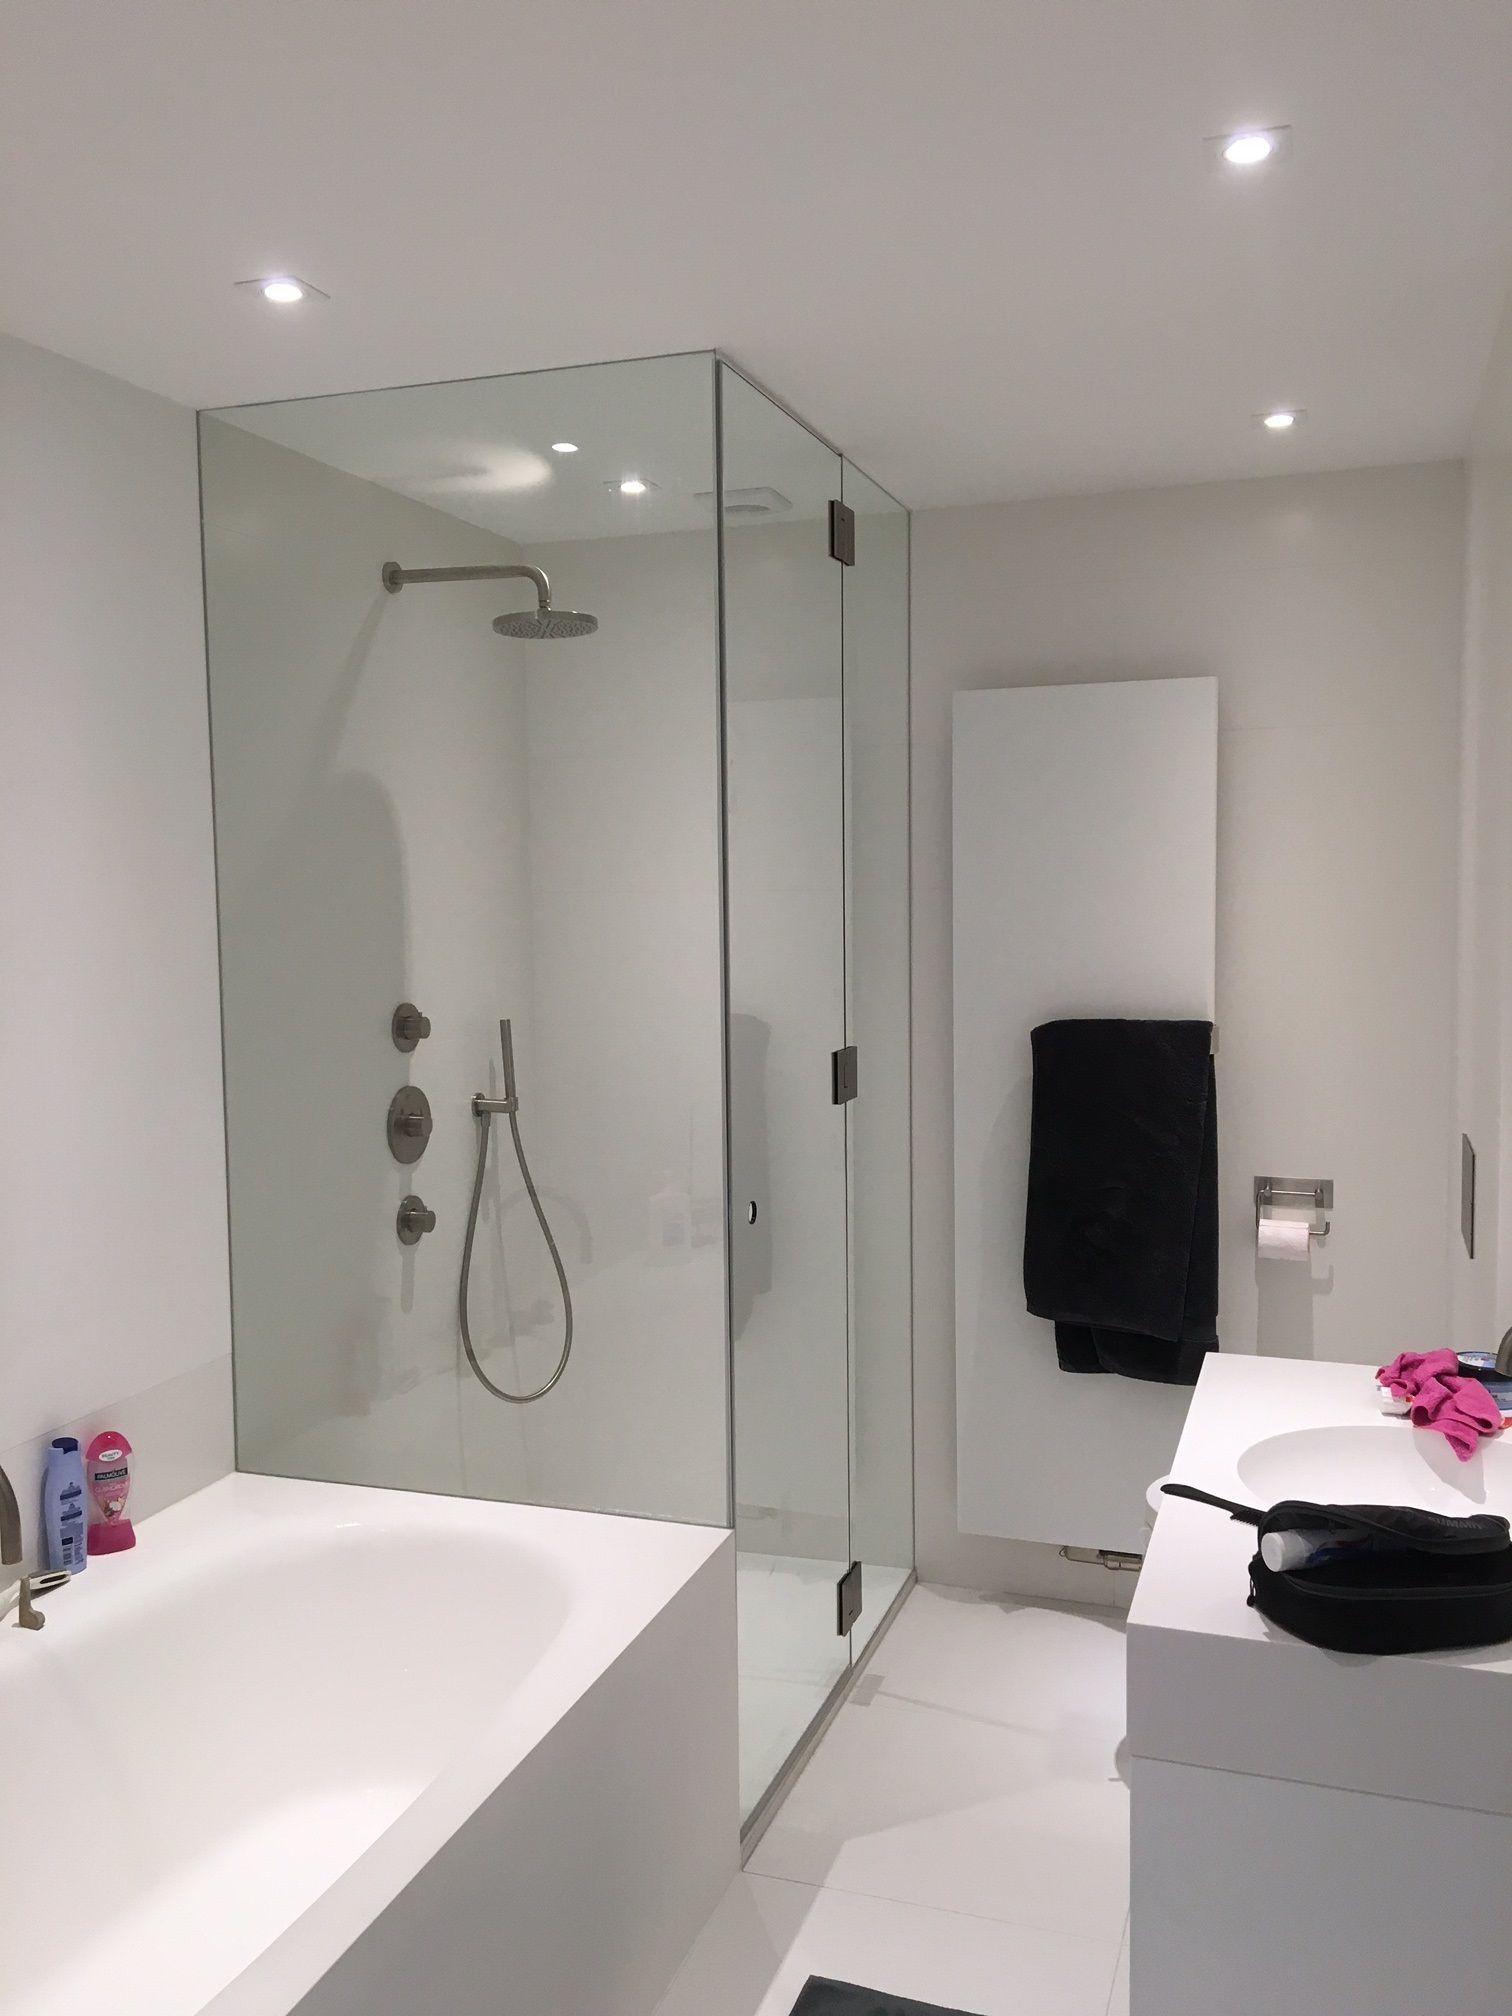 douchewand clearlabel maatwerk tot aan plafond wanden volledig